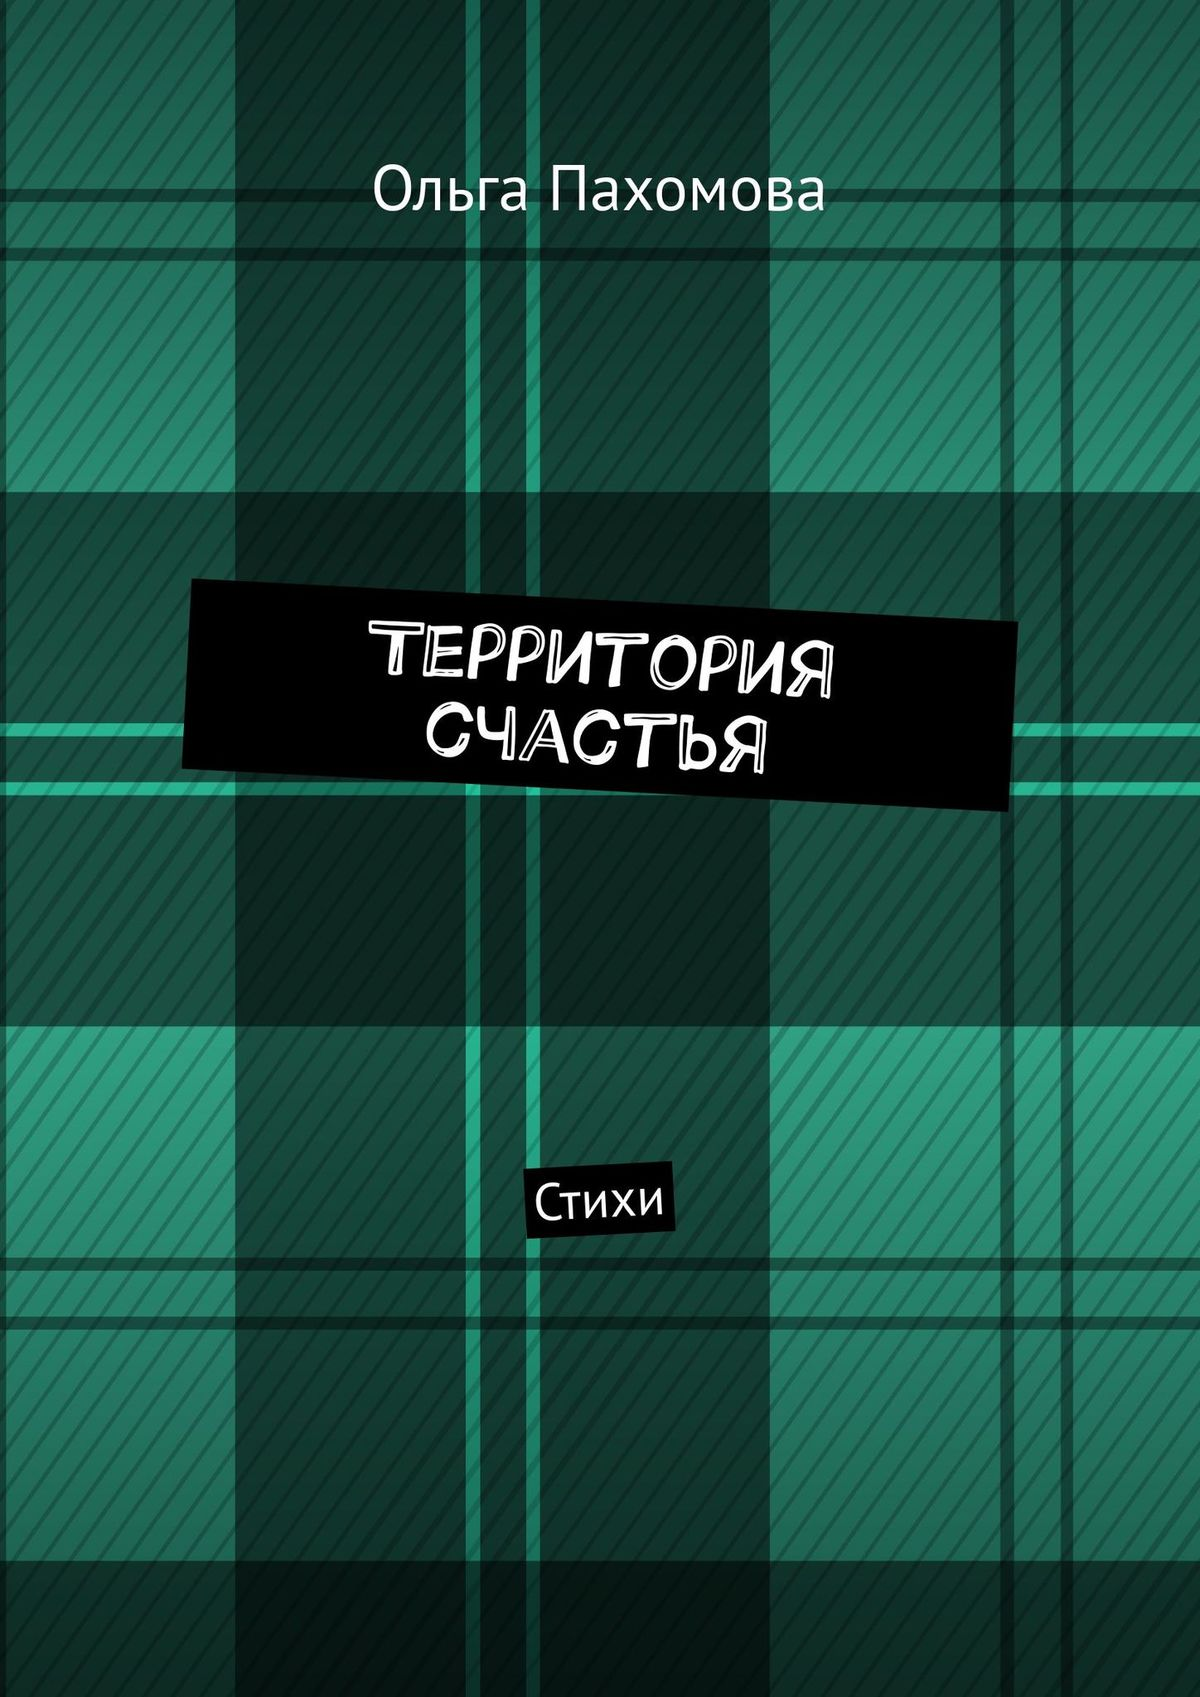 Ольга Пахомова Территория счастья. Стихи нам судьба обязана счастьем